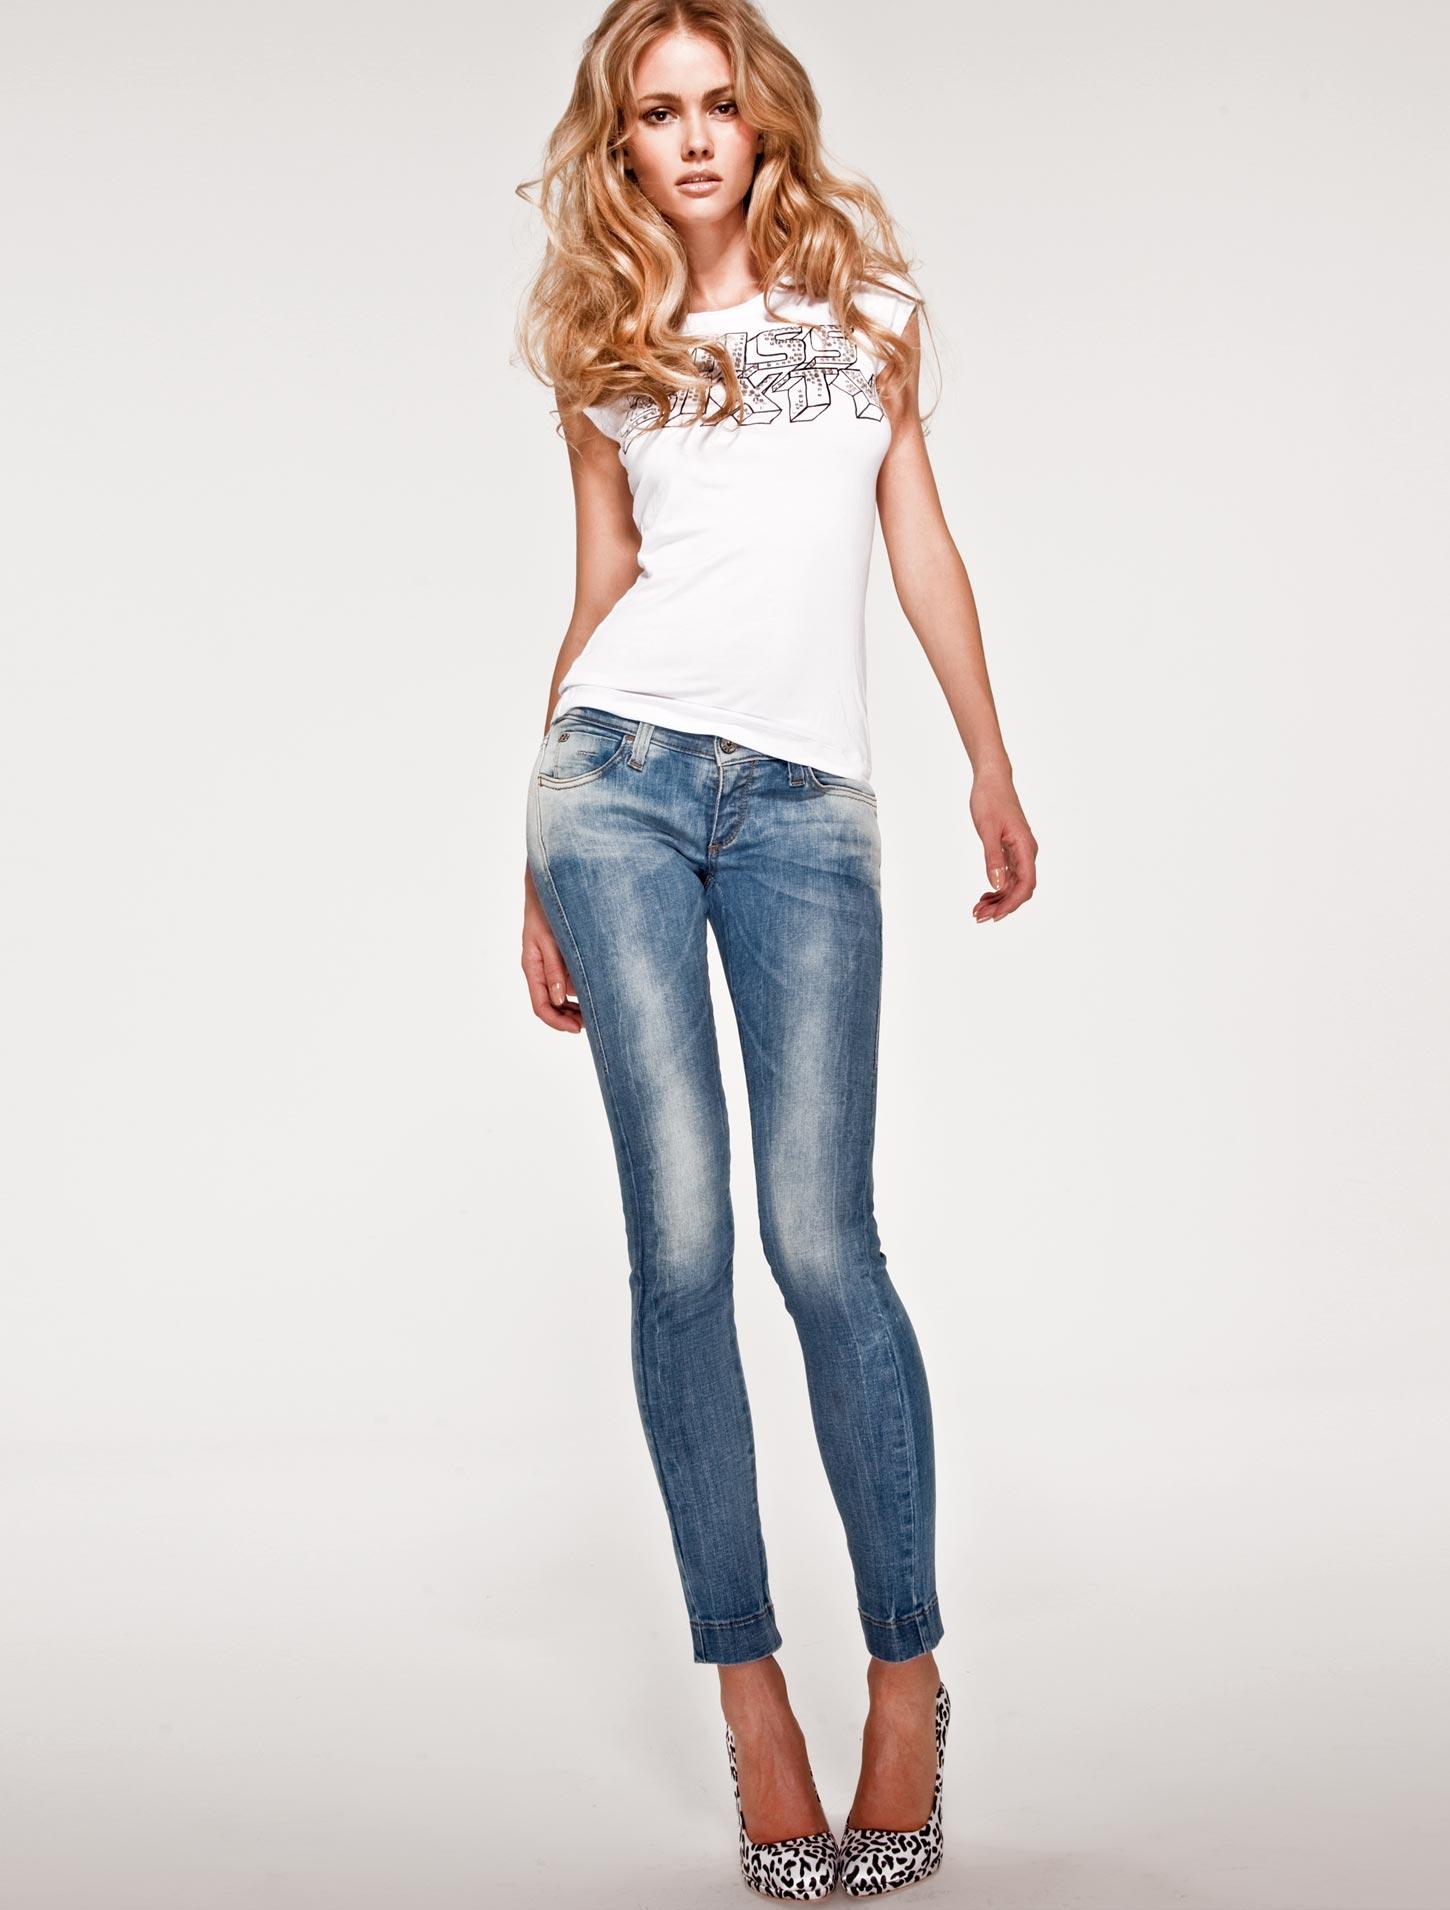 Смотреть онлайн жену в джинсах 17 фотография